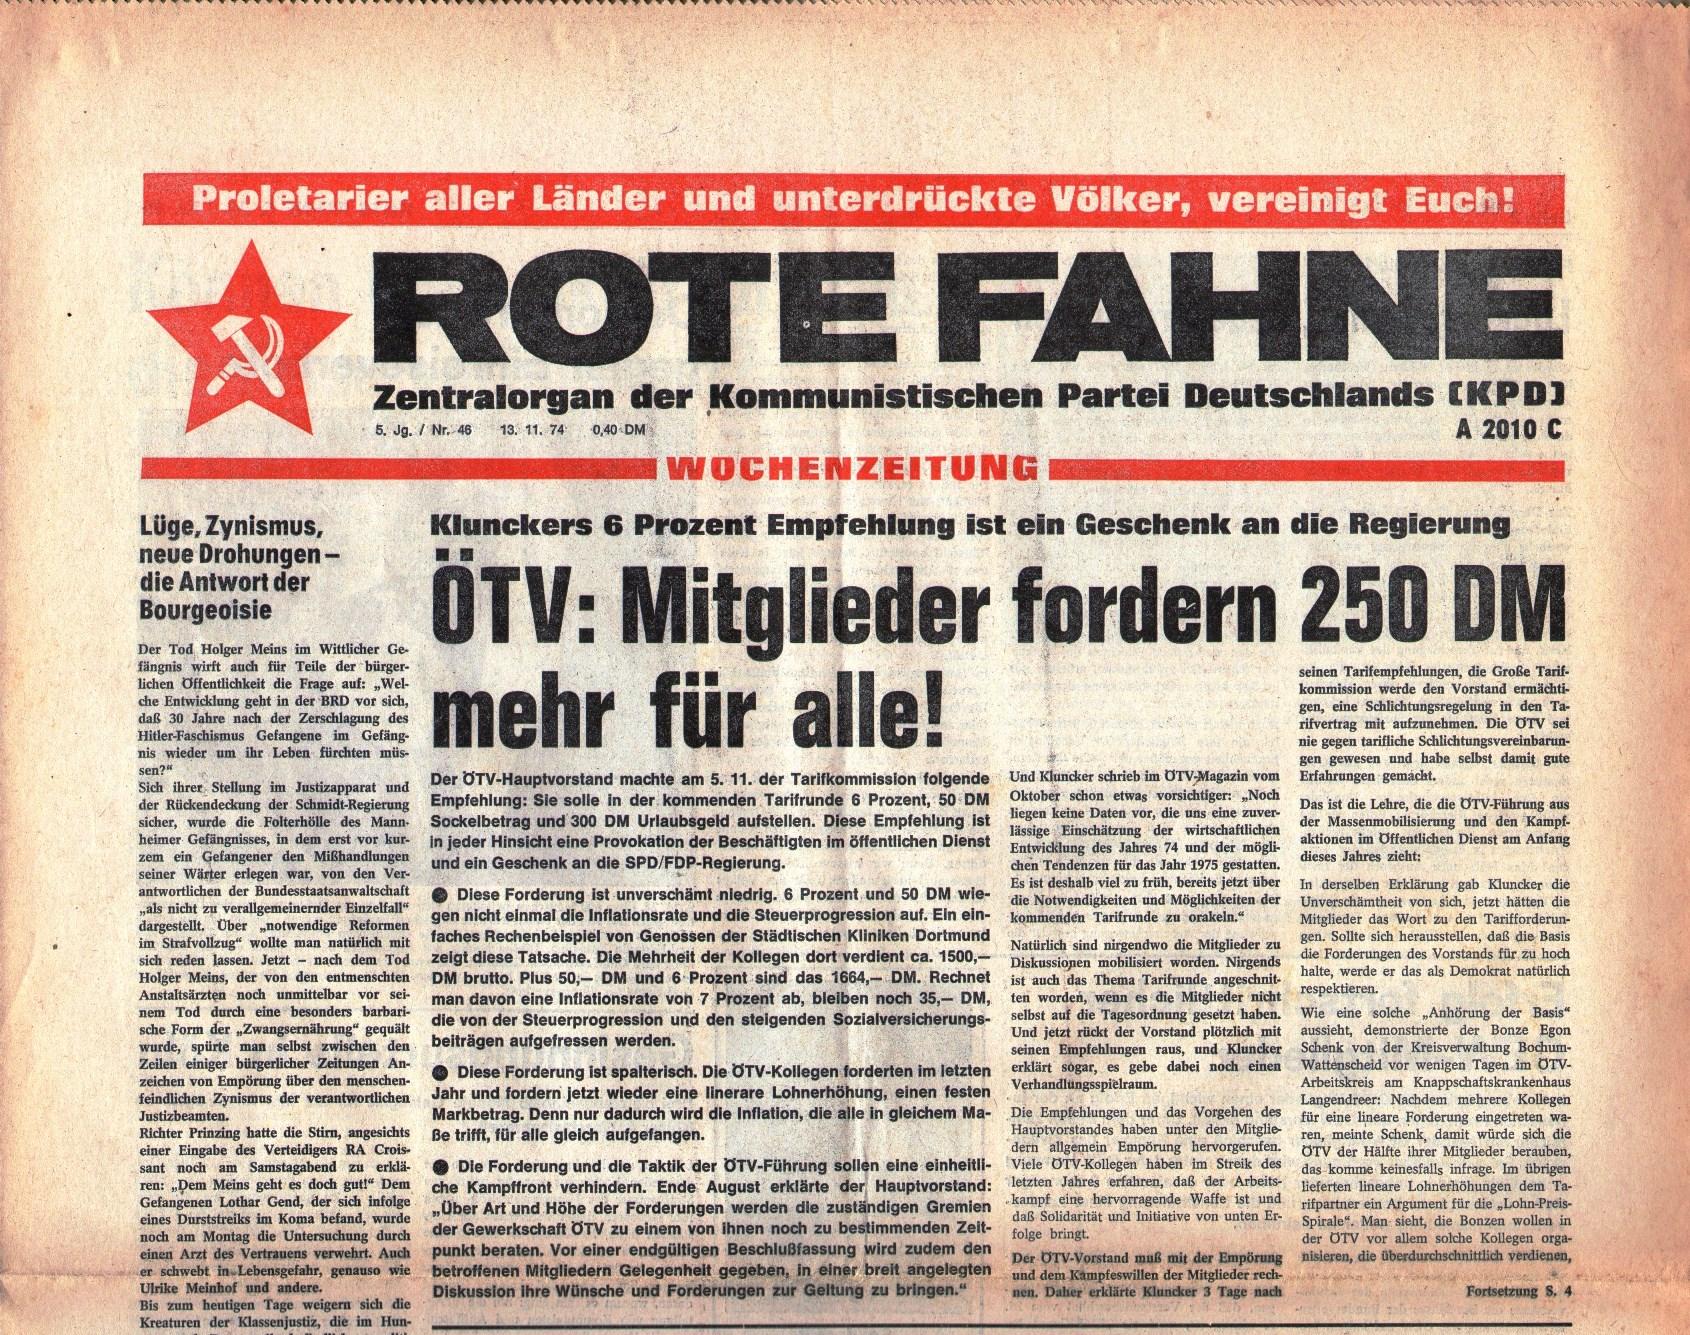 KPD_Rote_Fahne_1974_46_01